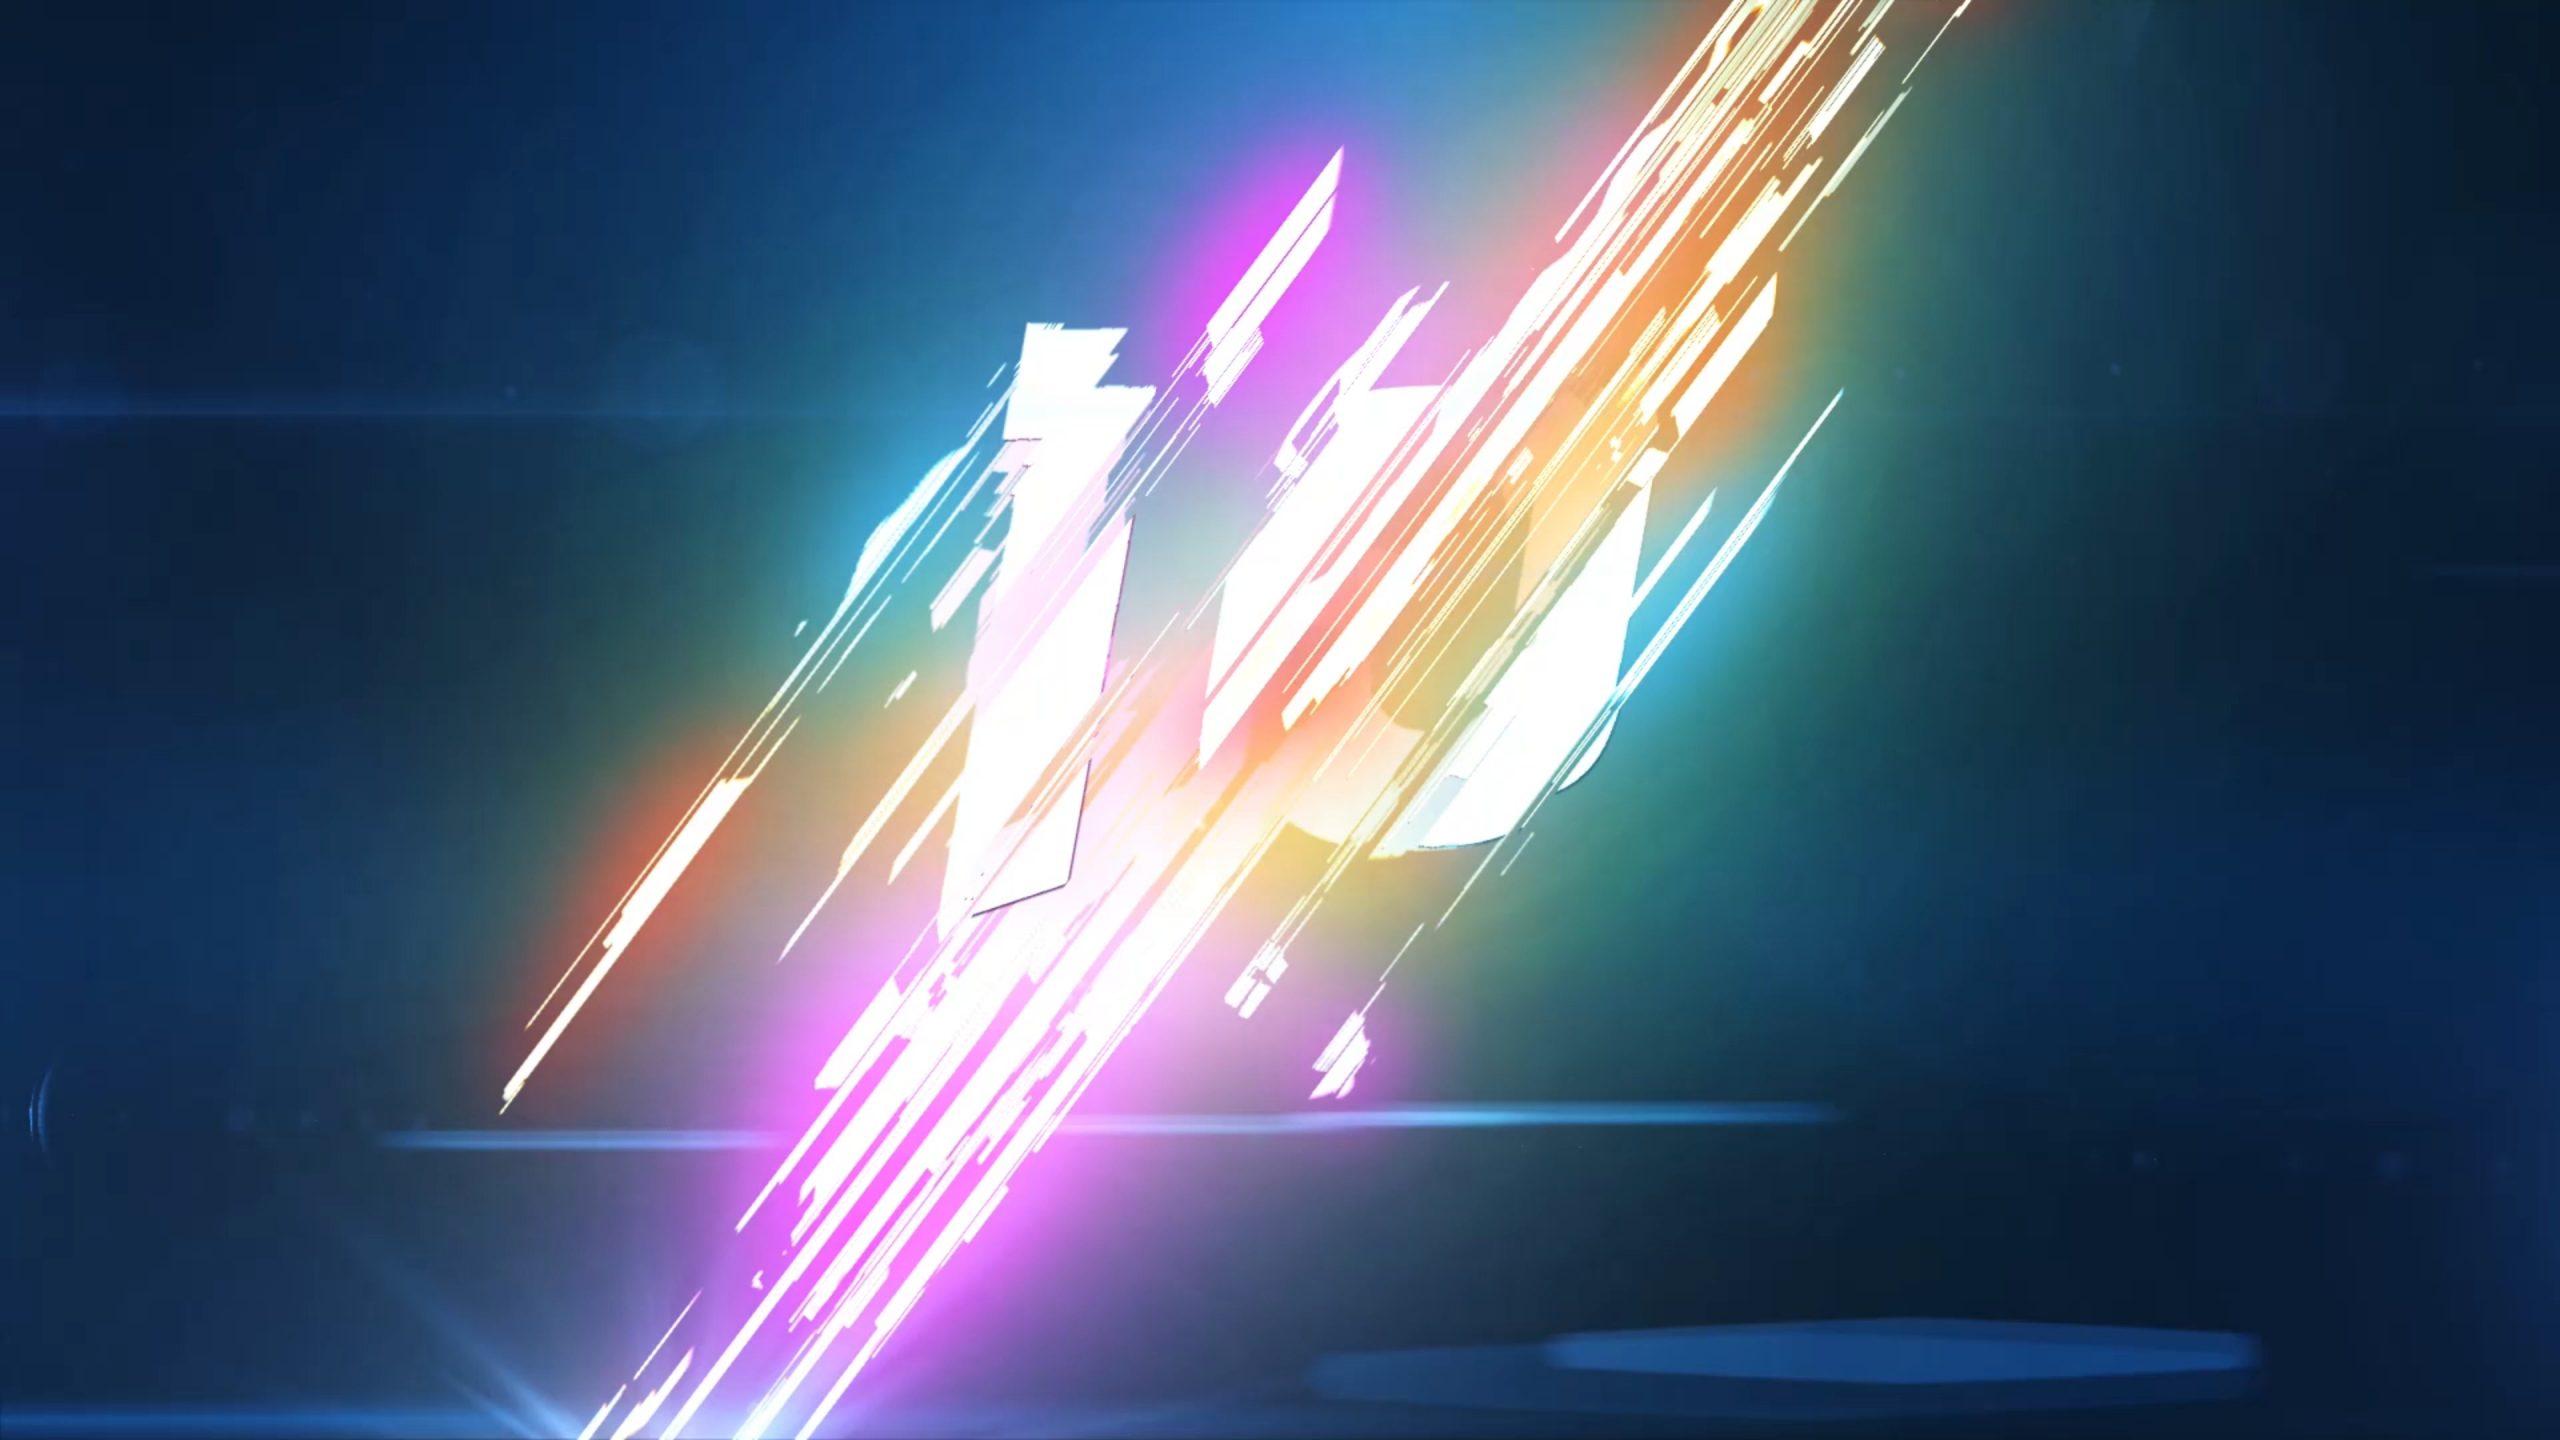 4K能量释放科技感十秒倒计时视频素材